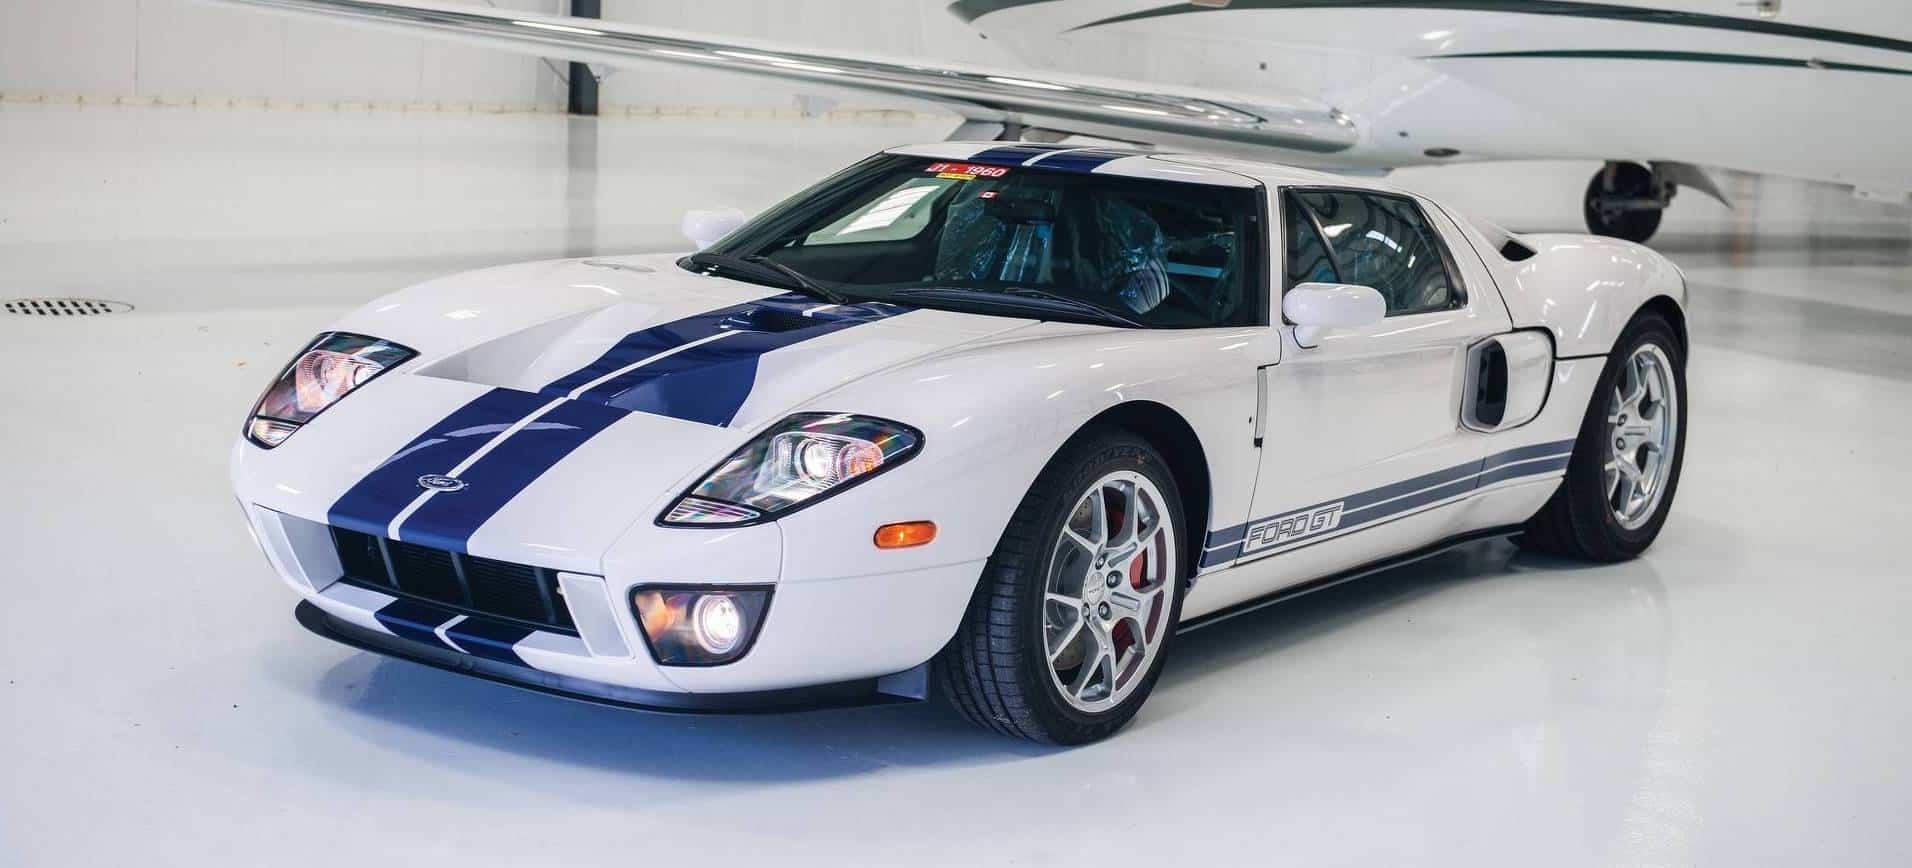 El sueño de todo coleccionista ha llegado: Un Ford GT del 2006 con ¡solo 17 kilómetros!